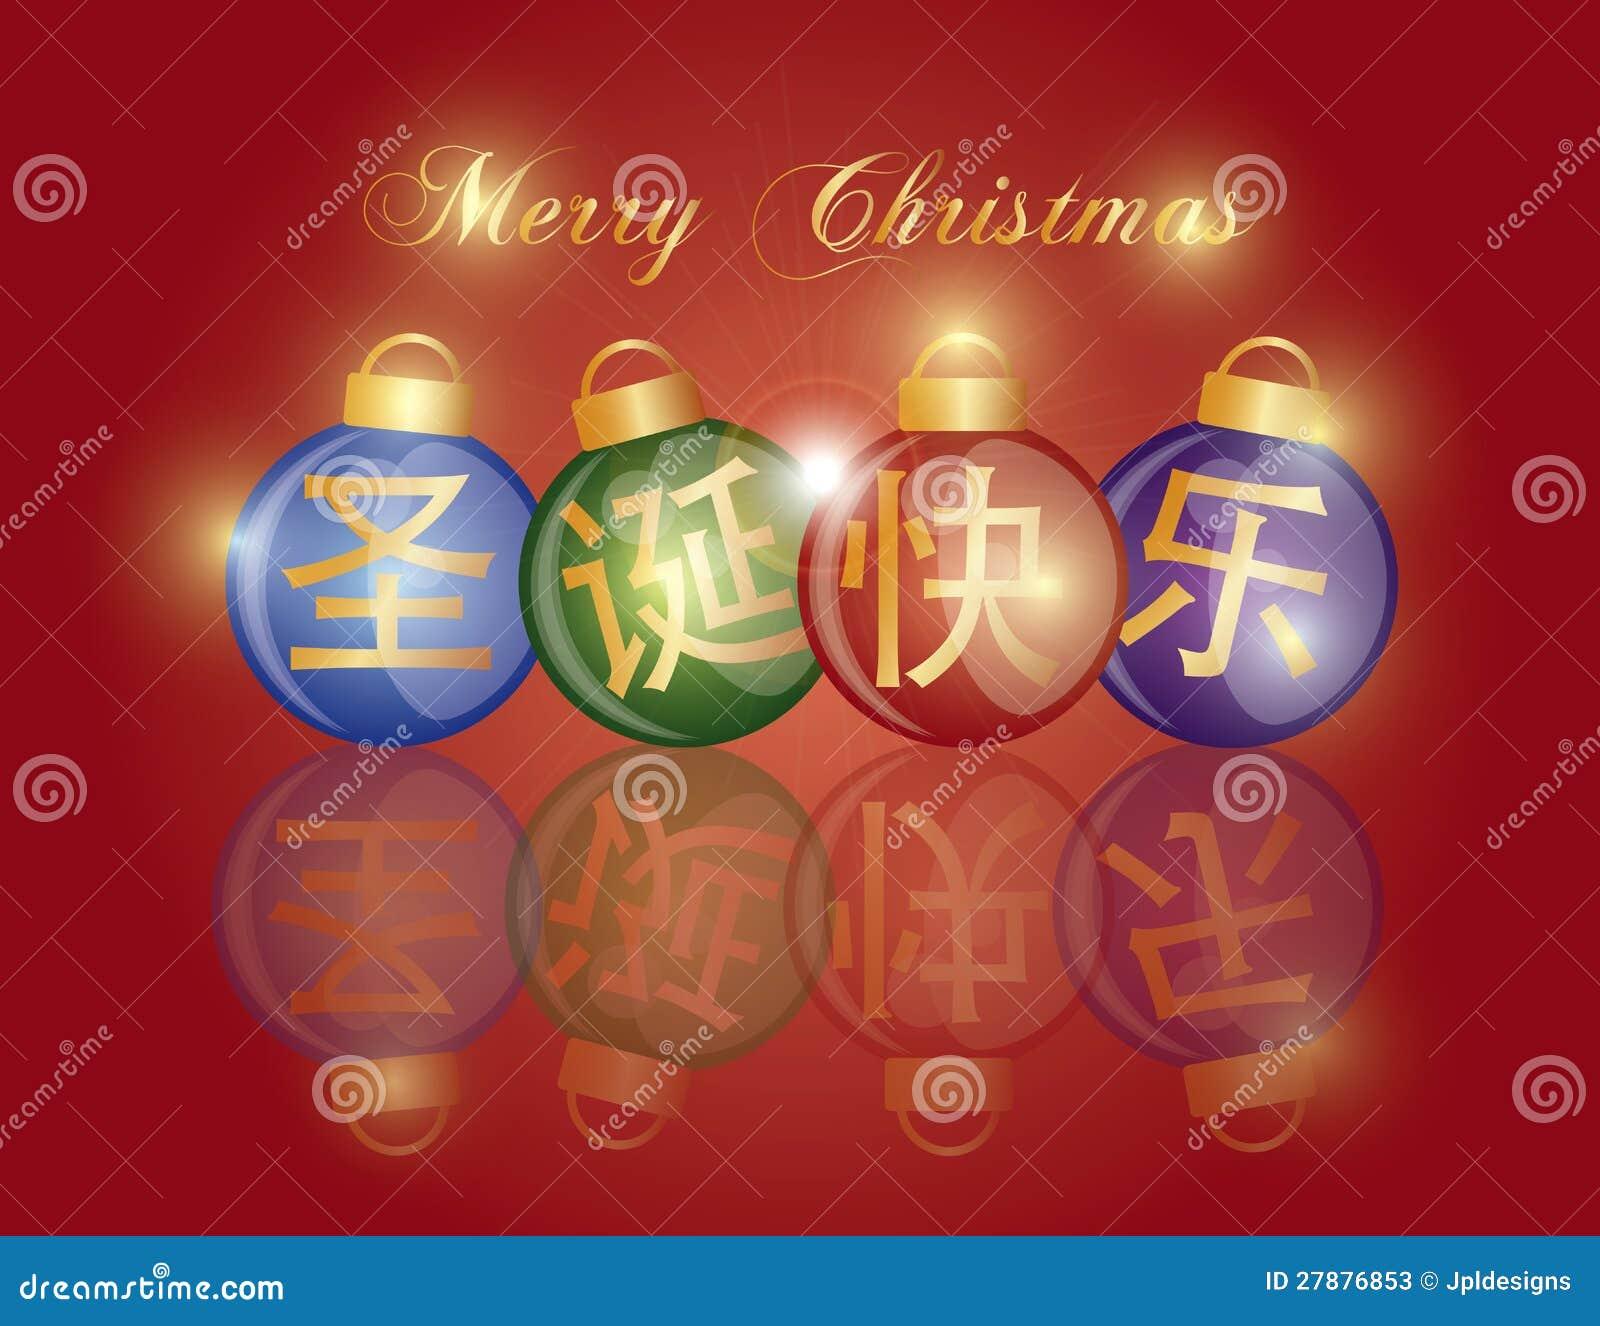 Auguri Di Buon Natale In Cinese.Buon Natale In Cinese Frismarketingadvies